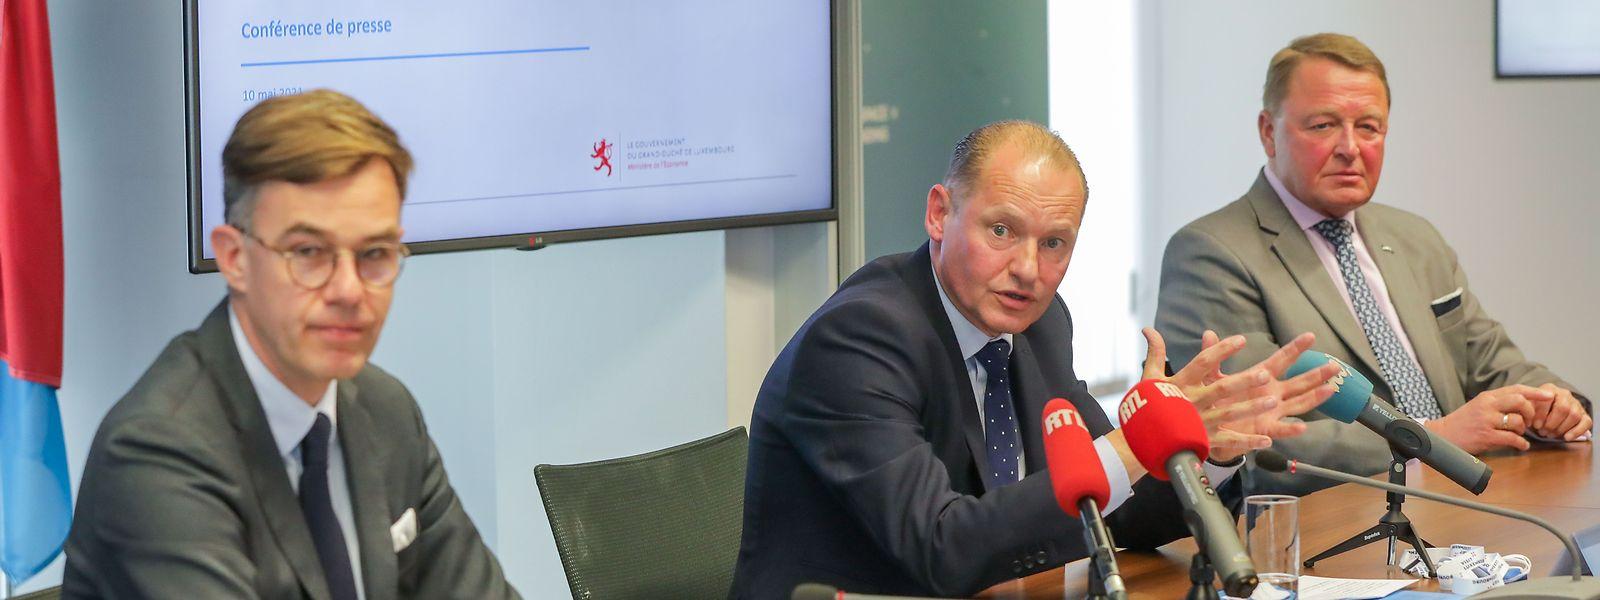 Wirtschaftsminister Franz Fayot (links) und Guus Boekhoudt (Mitte) erklären den Fahrplan für Guardian.